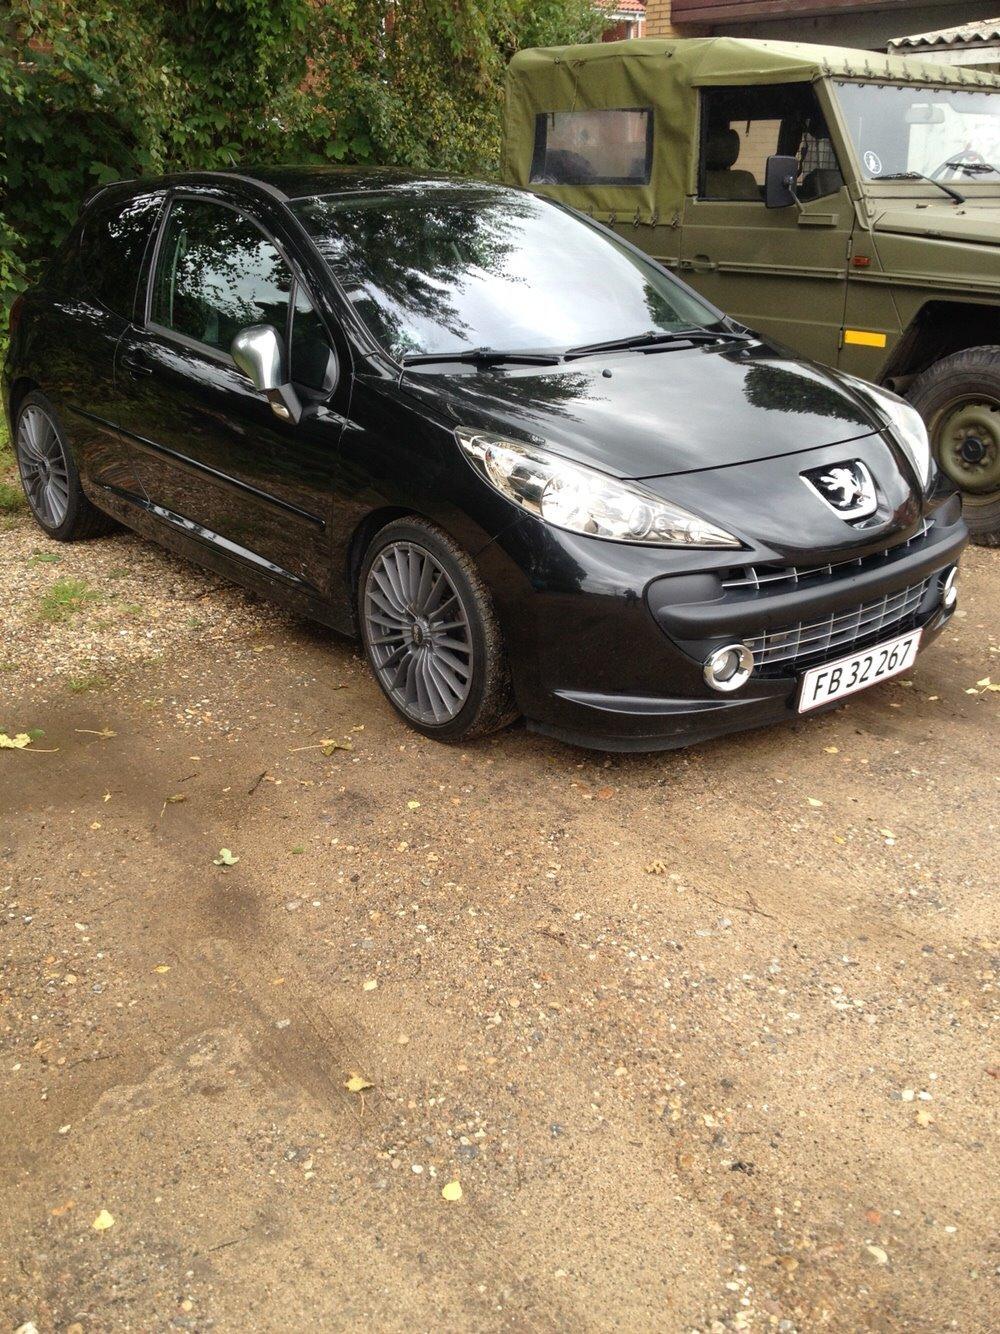 Peugeot 207 rc billede 2